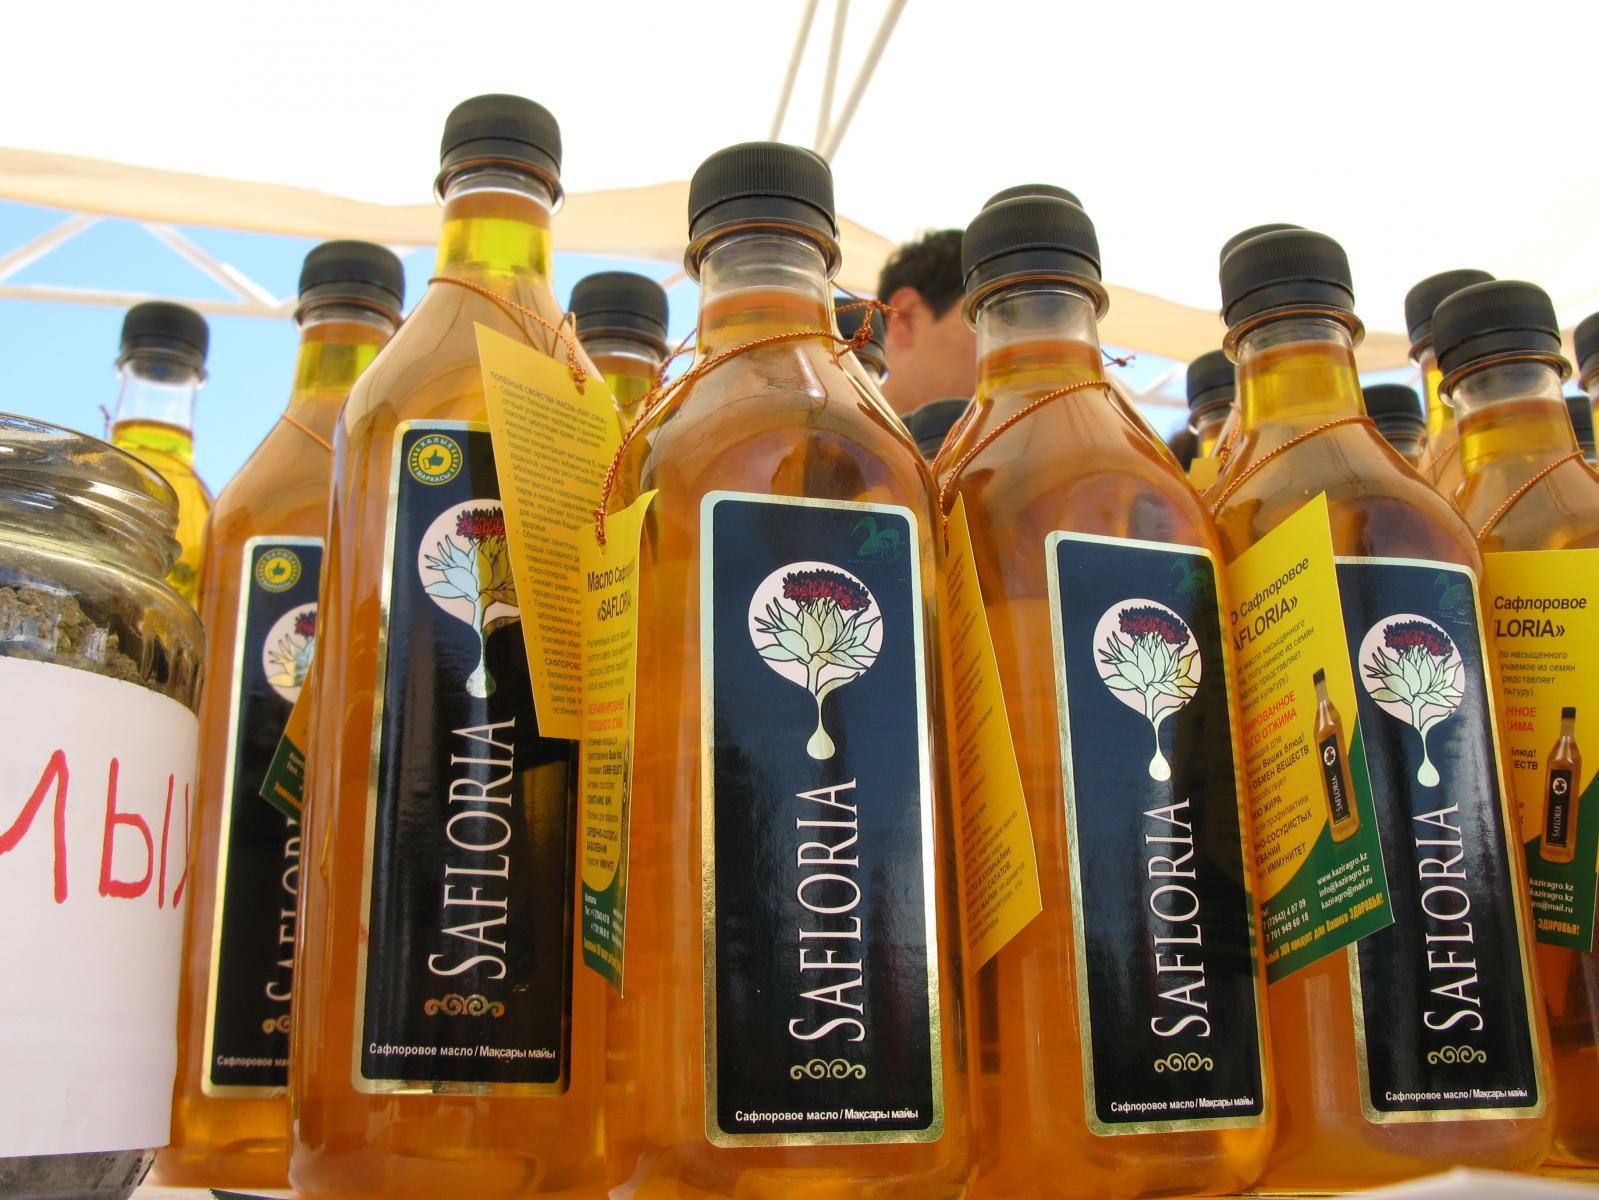 Сафлоровое масло польза и вред как принимать - всё для пользы